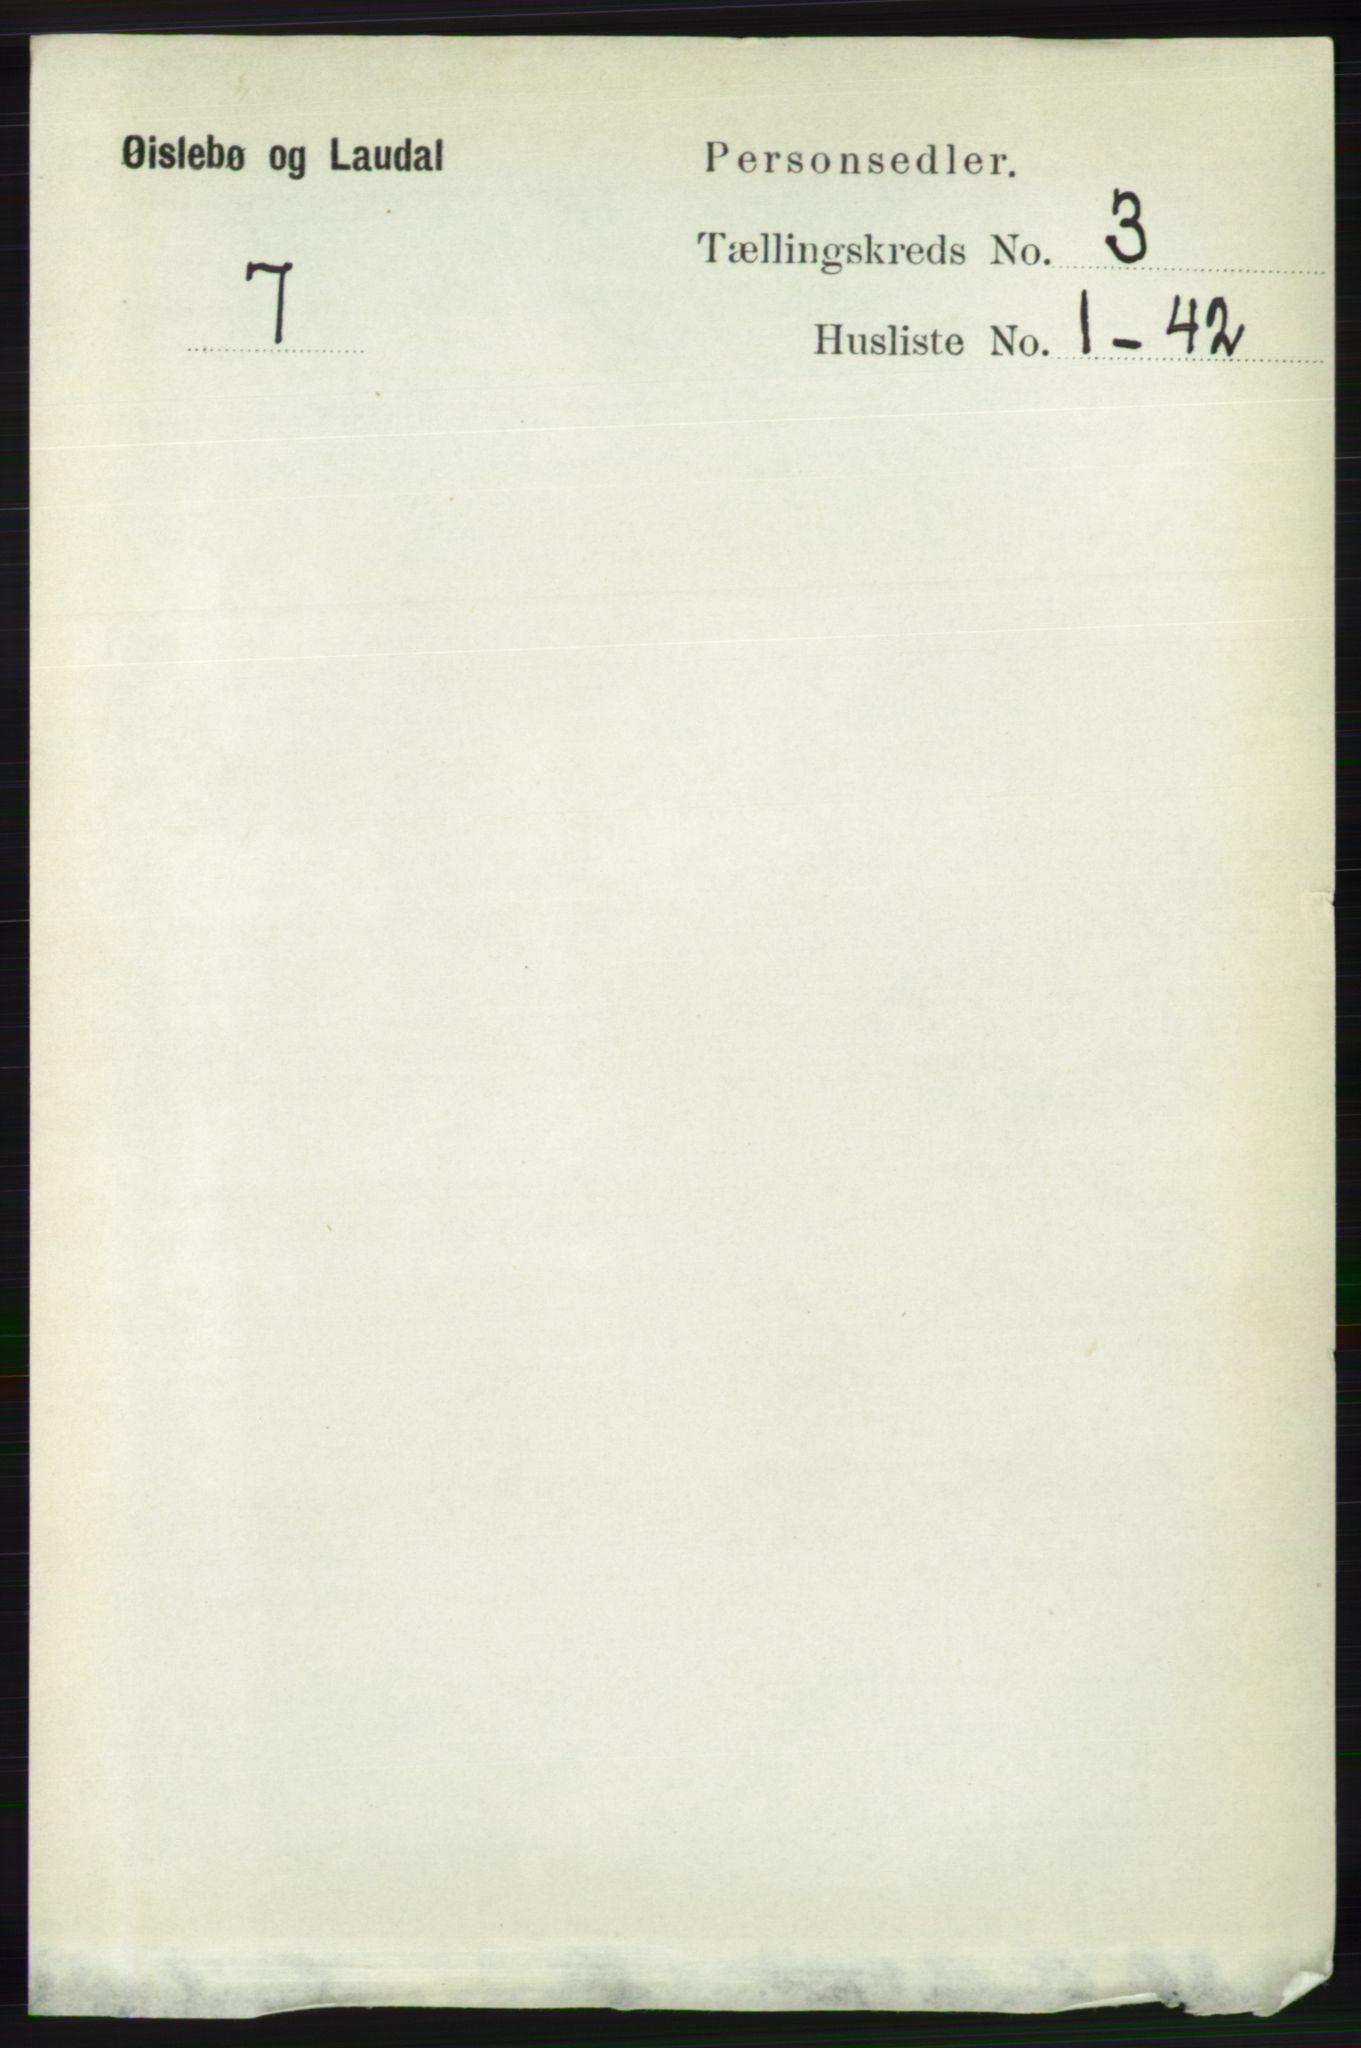 RA, Folketelling 1891 for 1021 Øyslebø og Laudal herred, 1891, s. 741